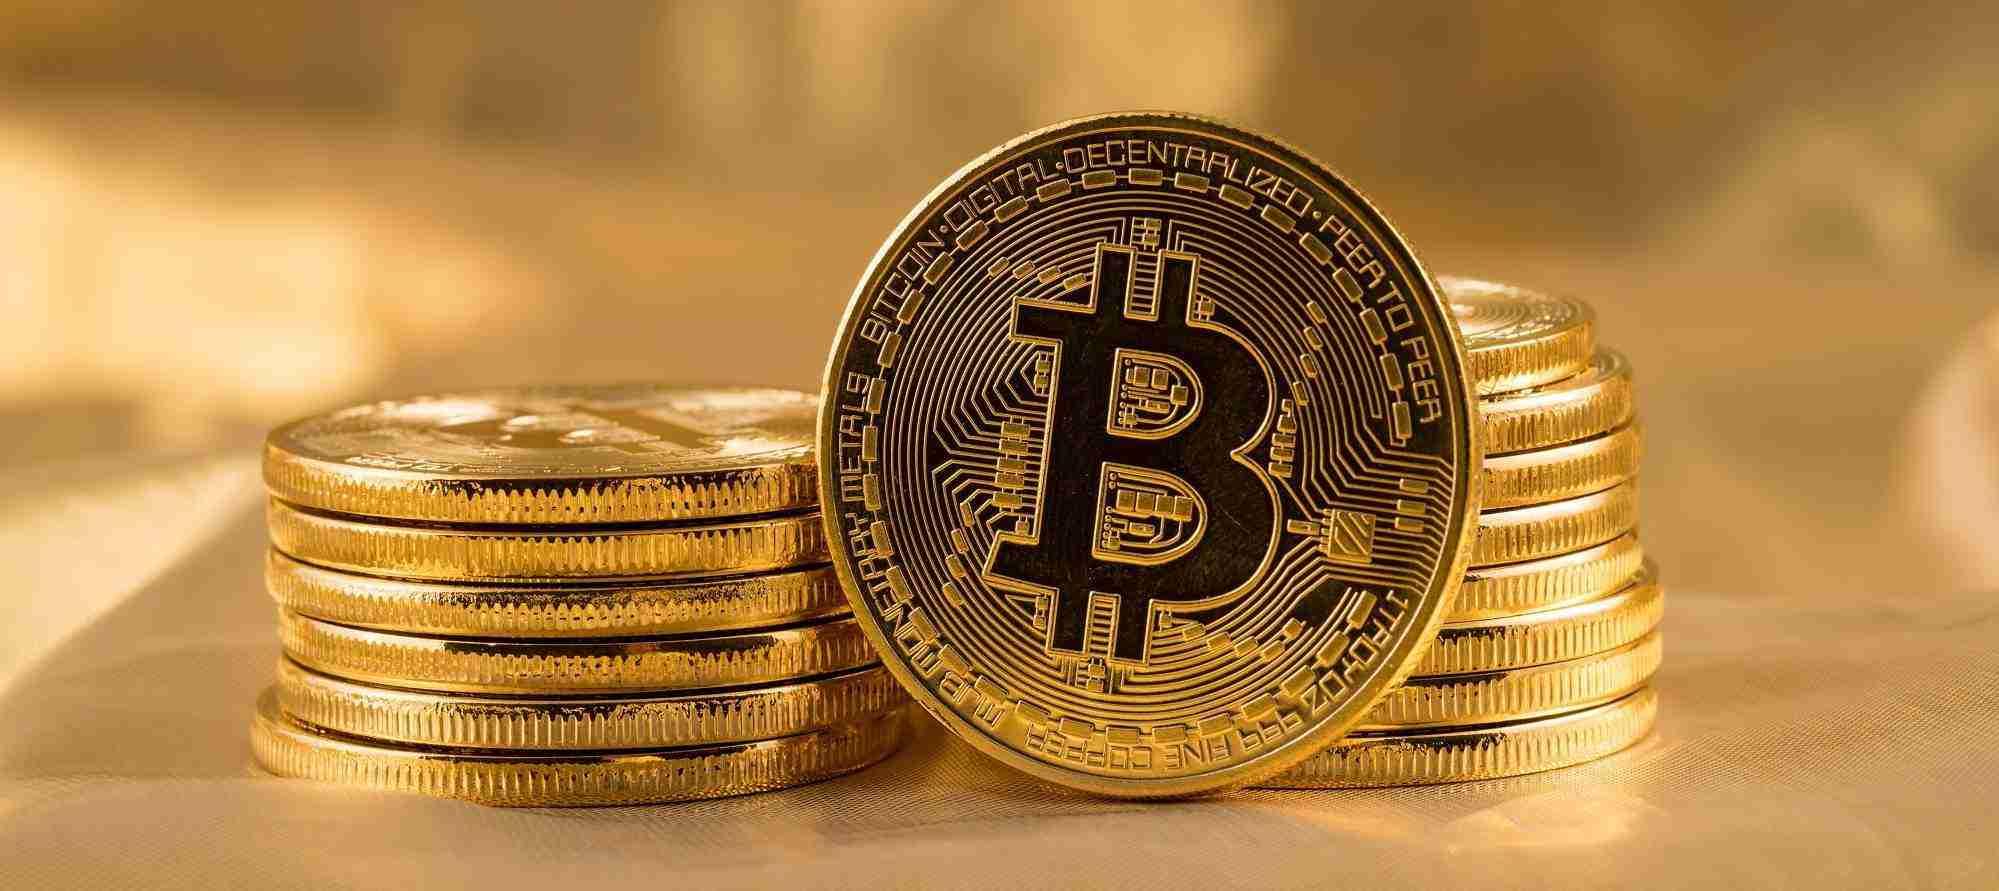 acquistare criptovalute in banca software di trading forex offline gratuitoforex opinioni